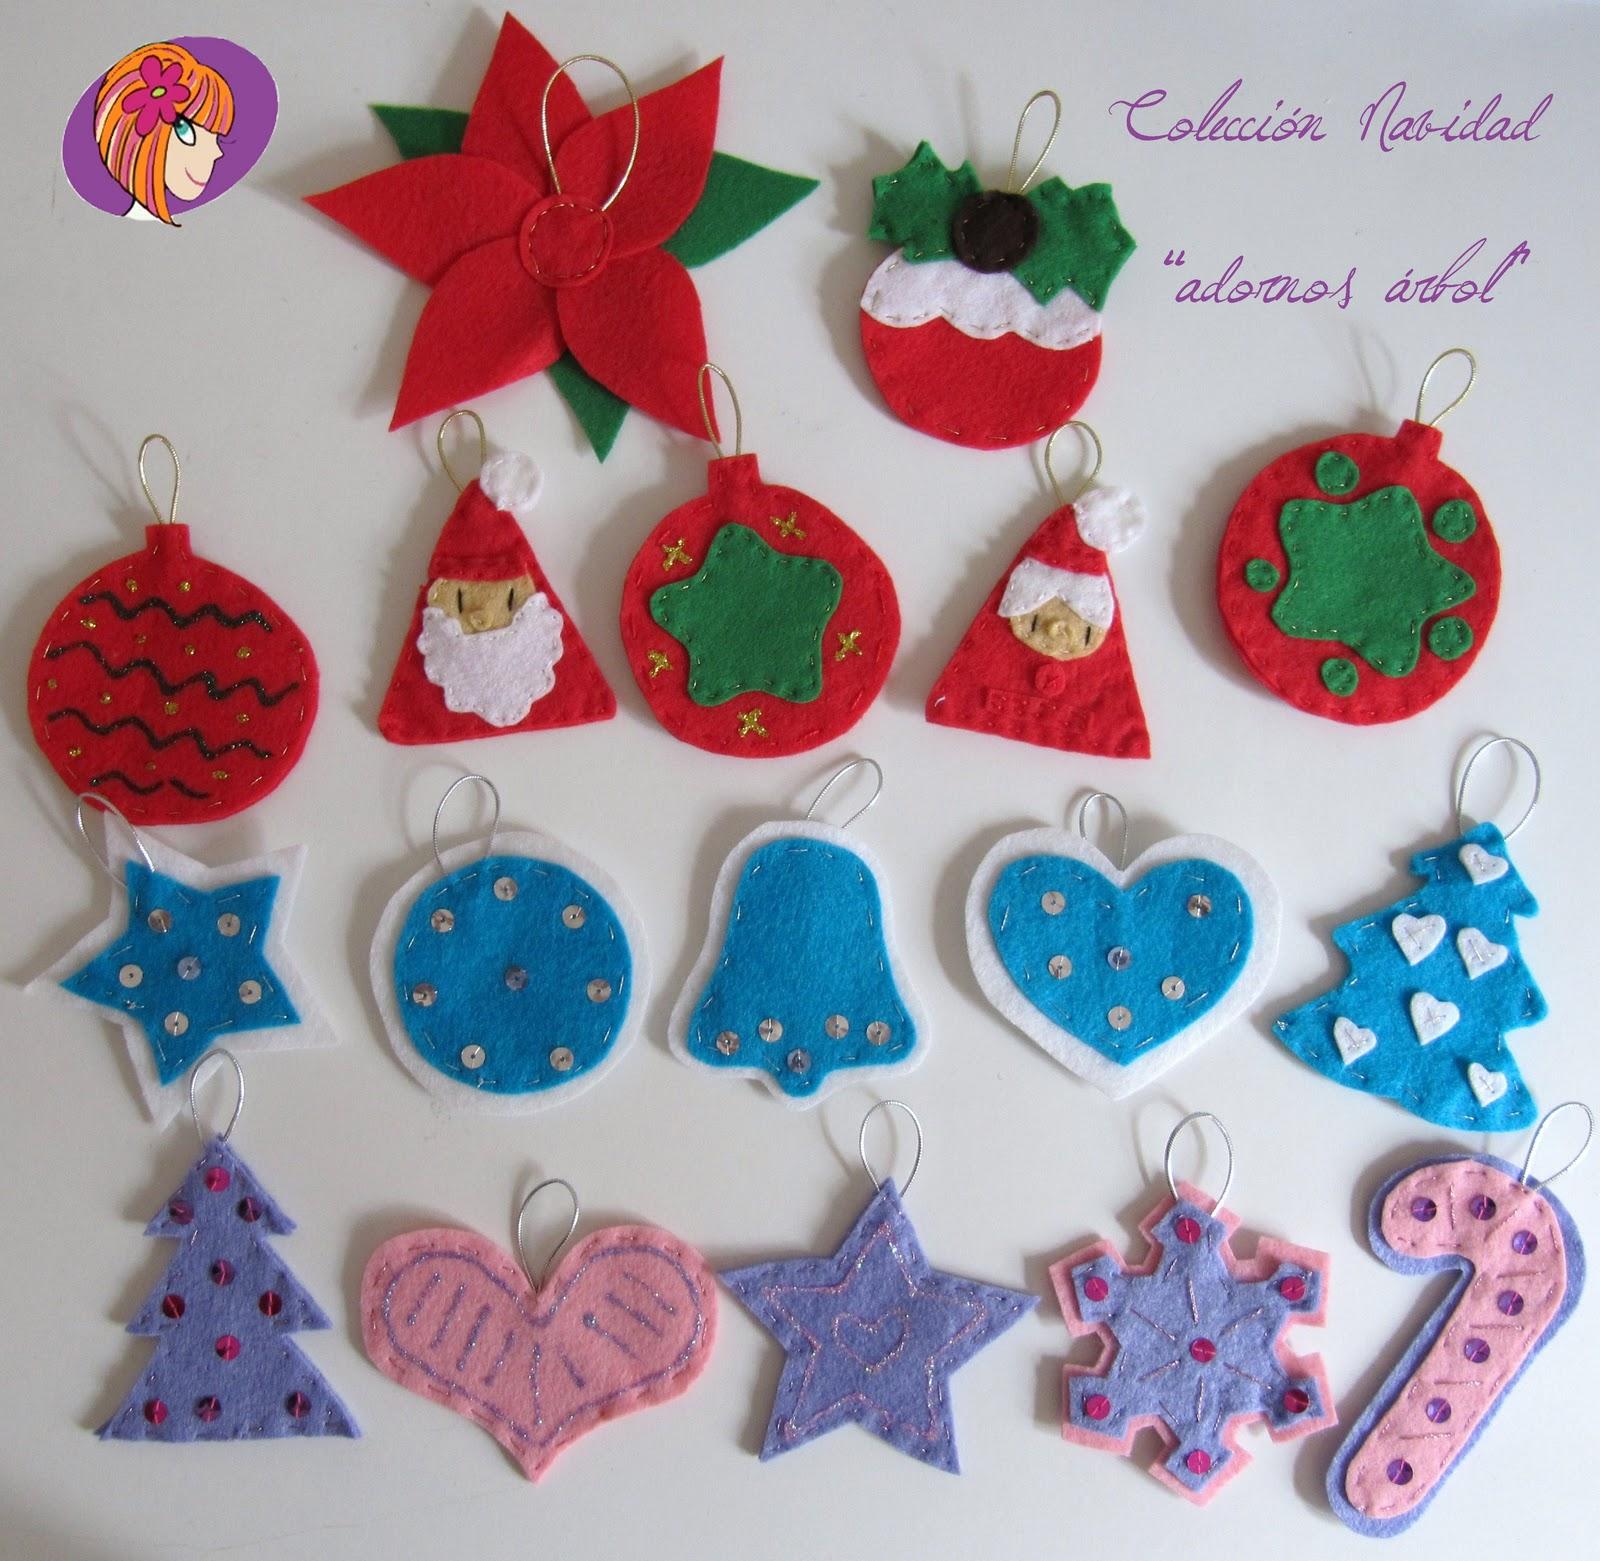 Todo tramadora colecci n navidad adornos rbol for Adornos navidenos para el arbol